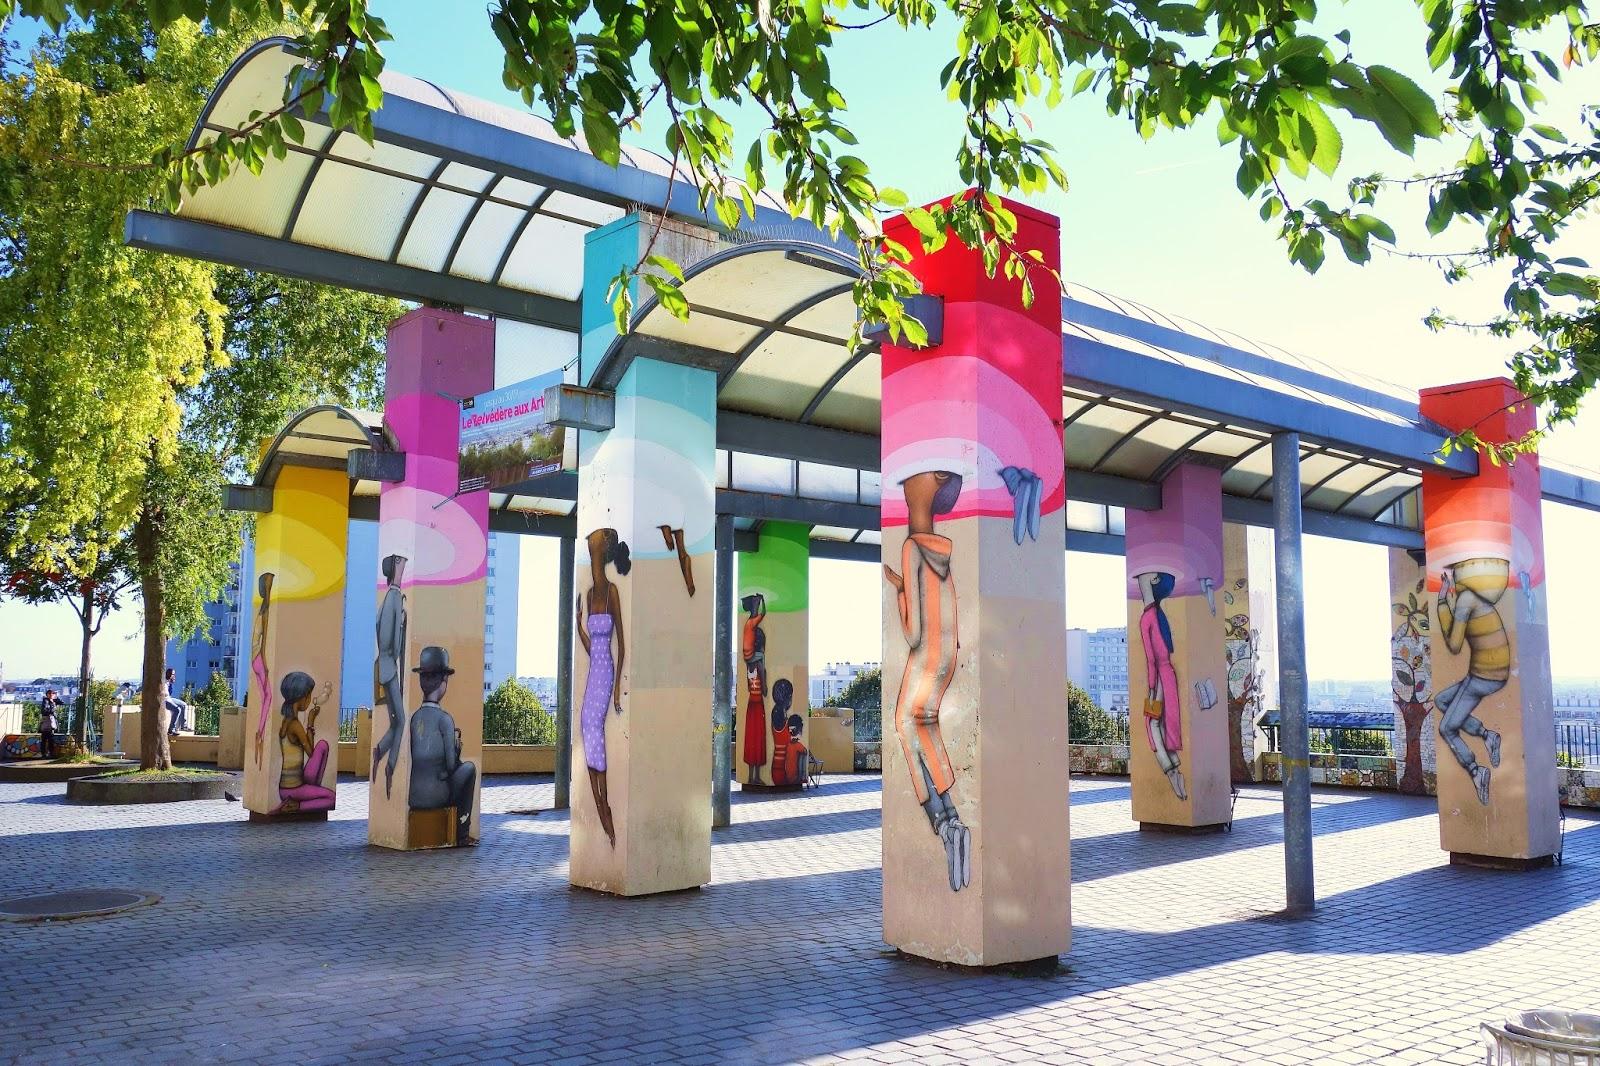 Sunday street art seth aka julien malland belv d re du parc de belleville paris 20 paris - Expo street art paris ...